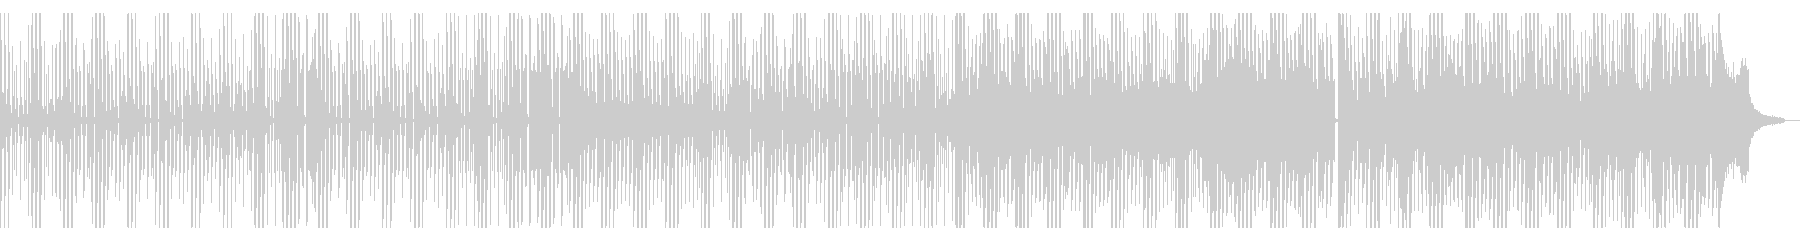 ElektricFunkバックトラックの未再生の波形